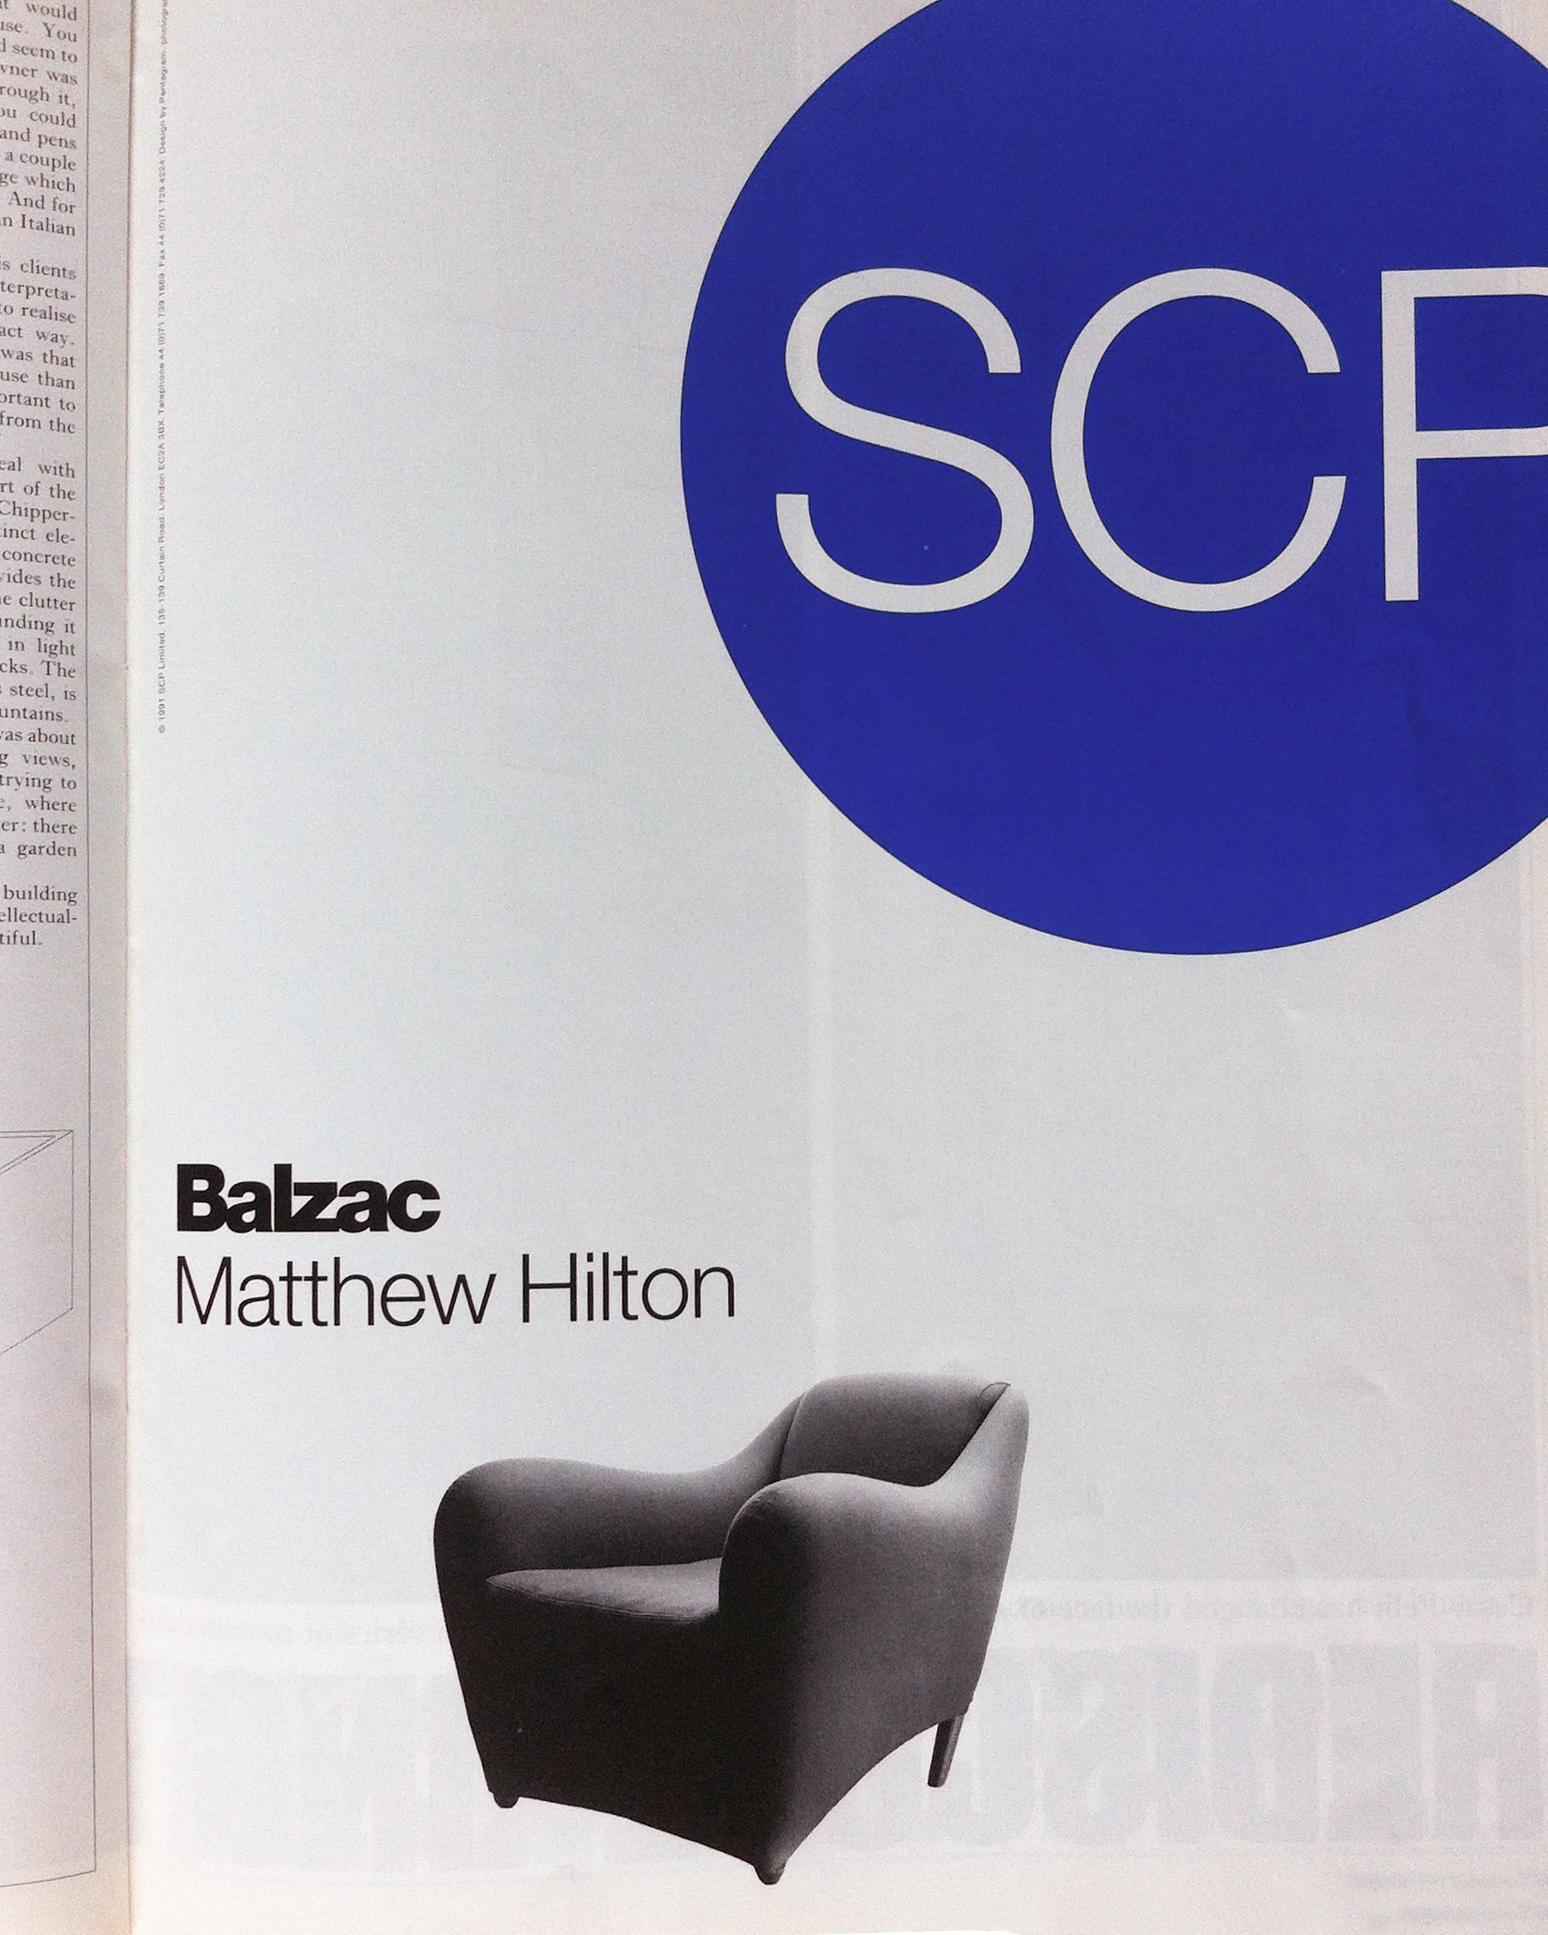 1991_blueprint_nov_designed_by_pentagram_balzac_scp